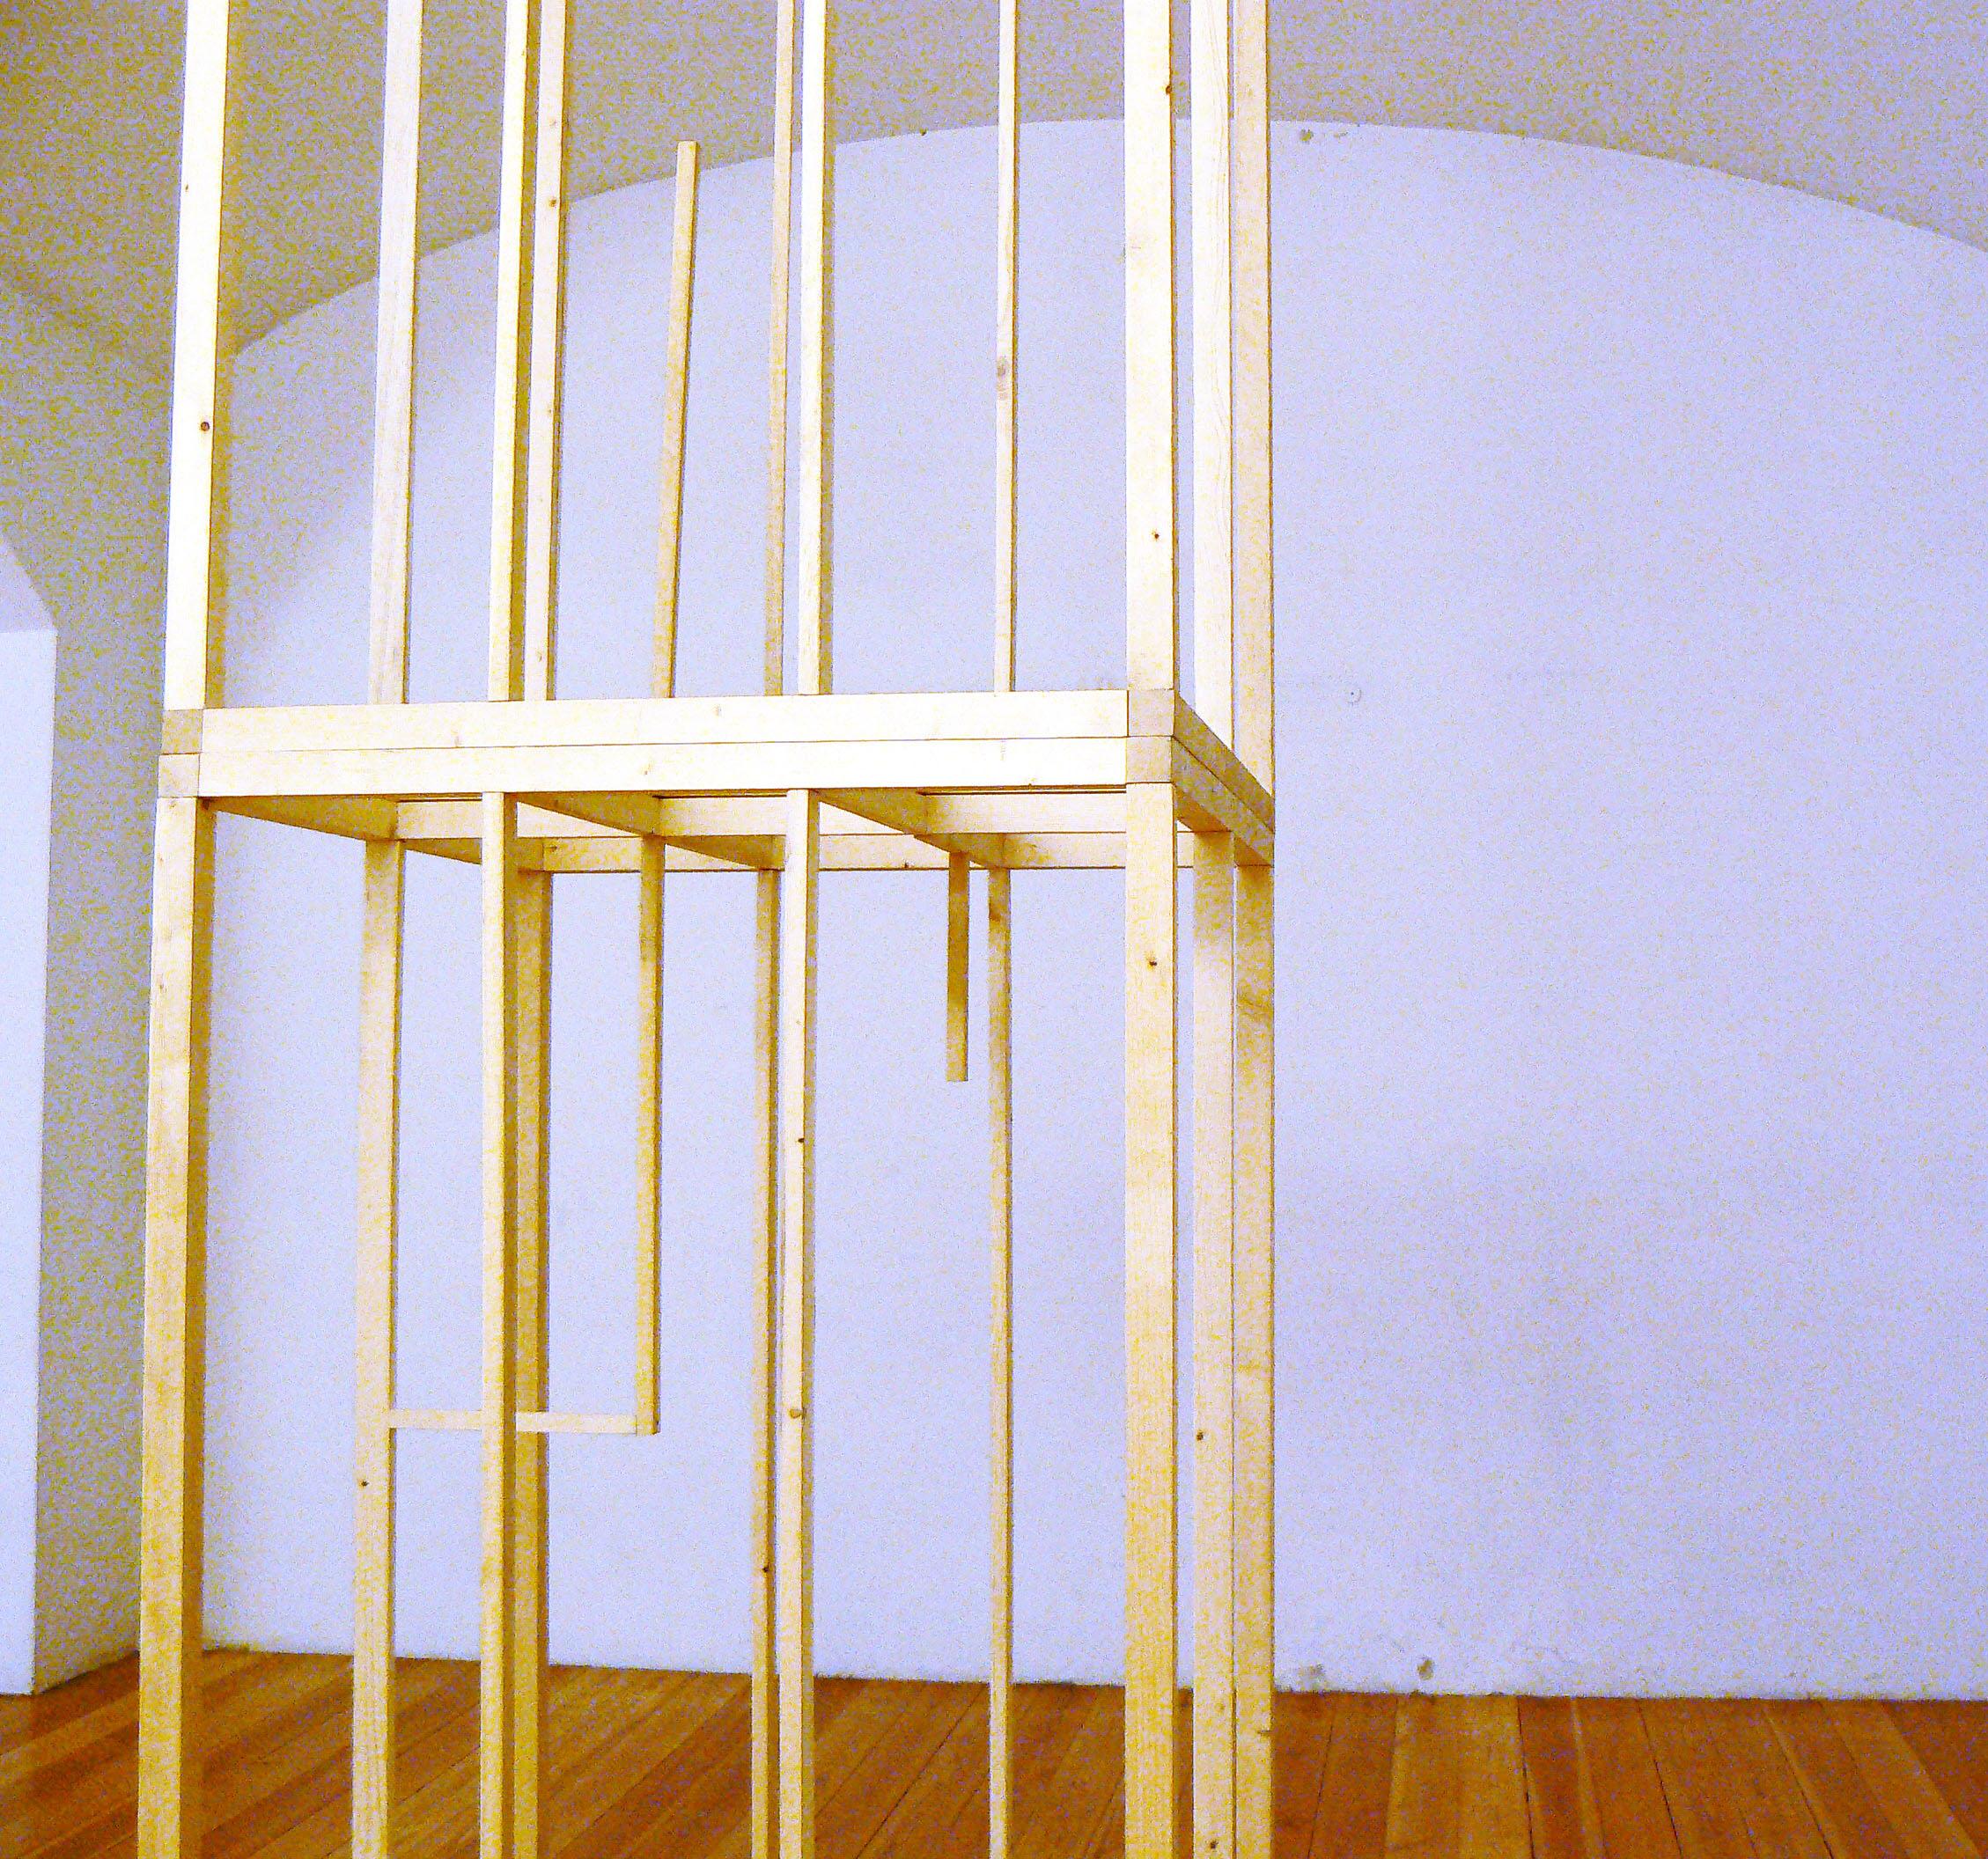 Giulia-Gallo-Architettura-molto-personale-legno-wood-dimensioni-variabili-2013-dettaglio-detail